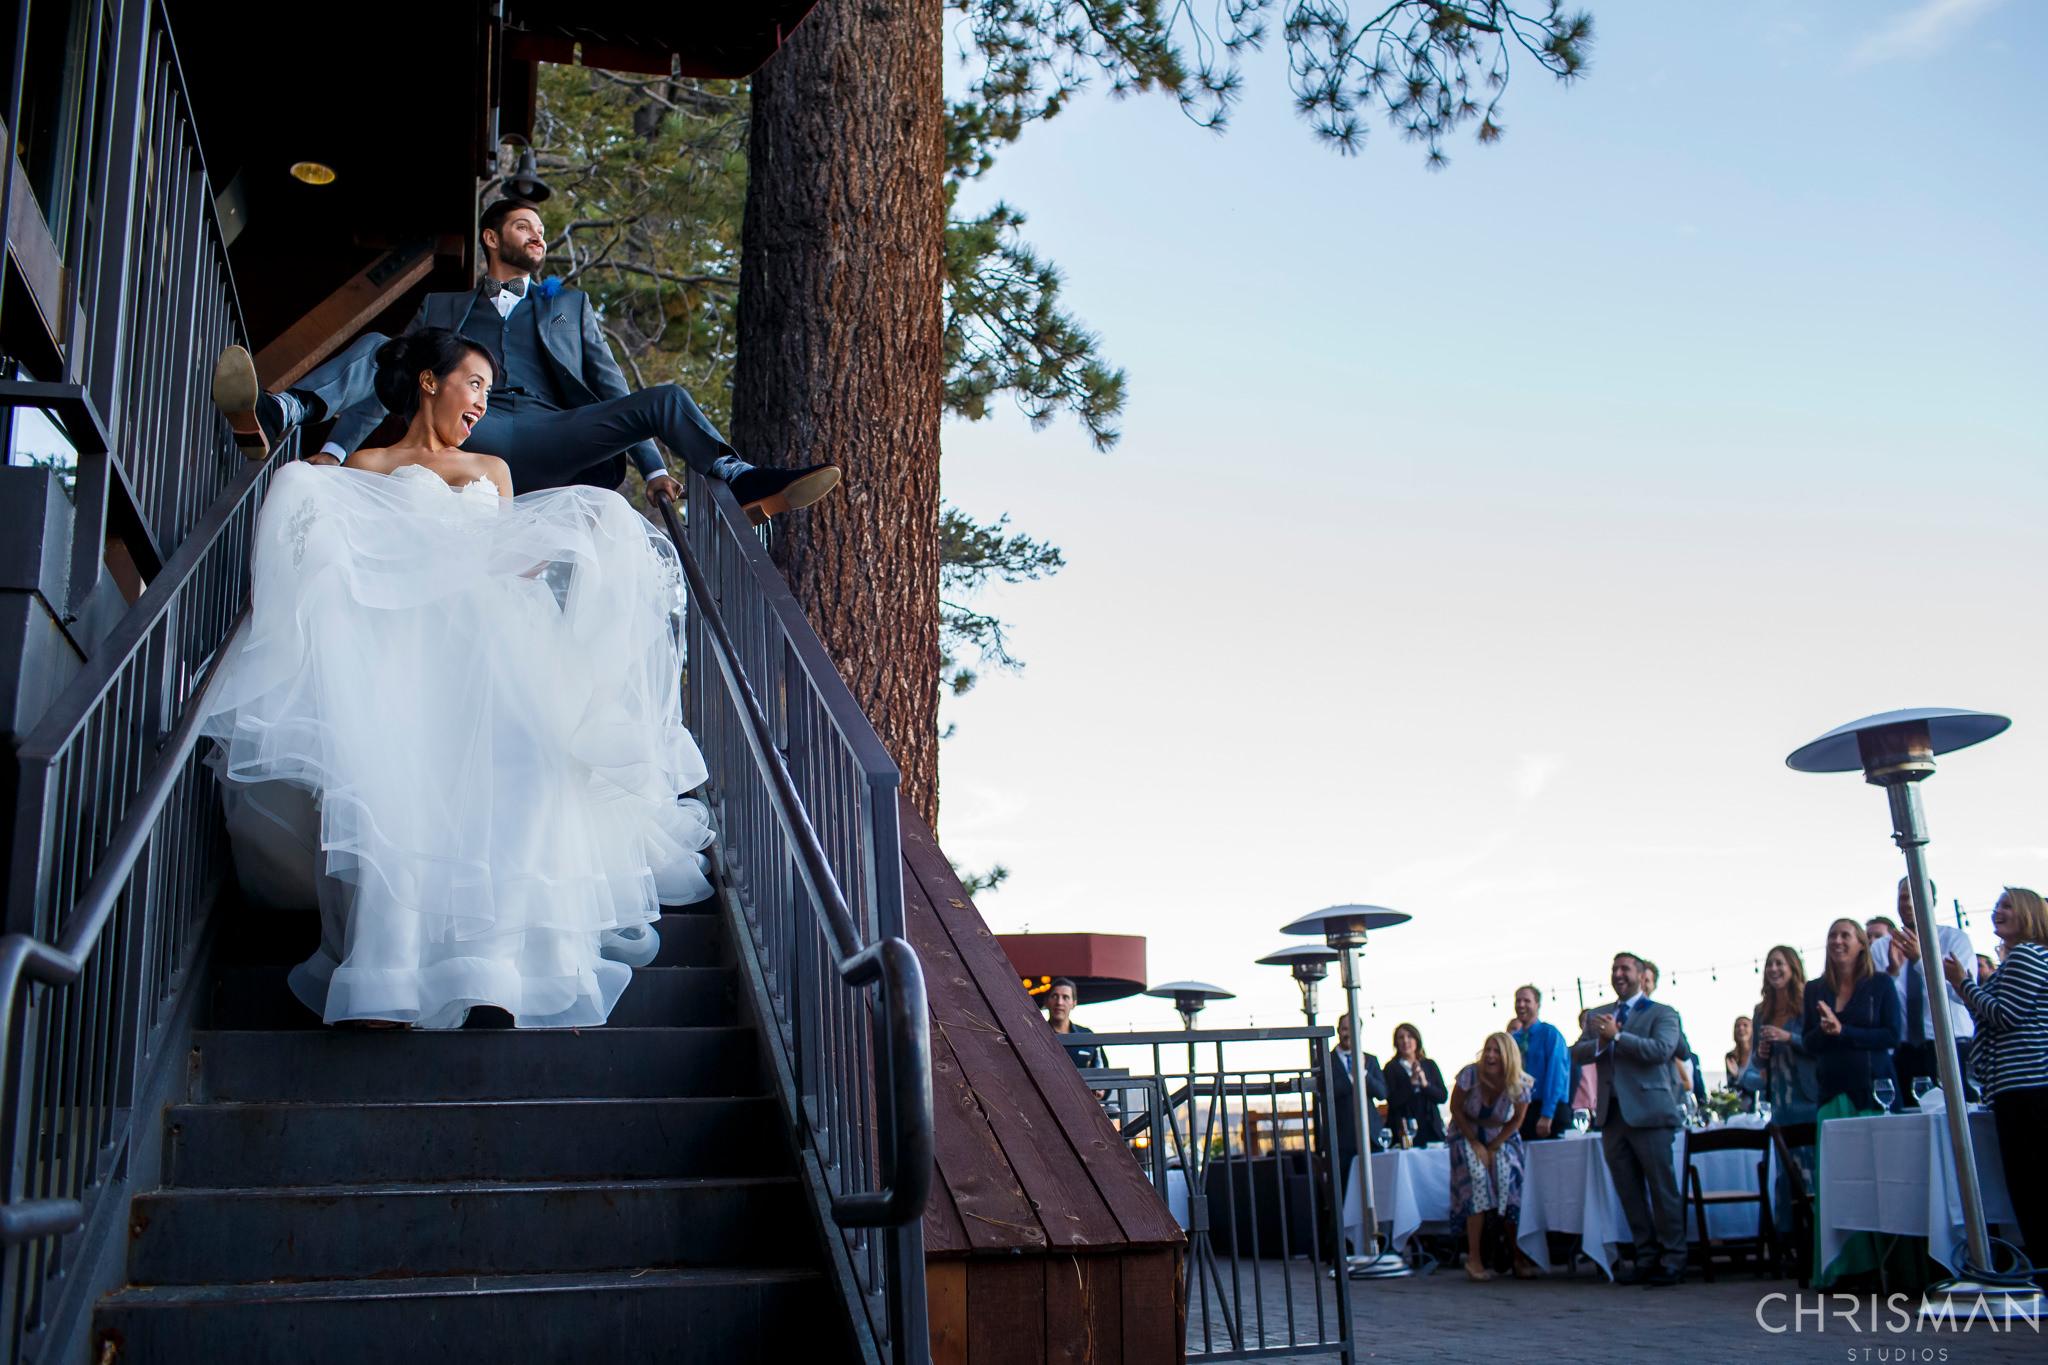 425-20160917-SophiaNick-Zwicker-wed.jpg